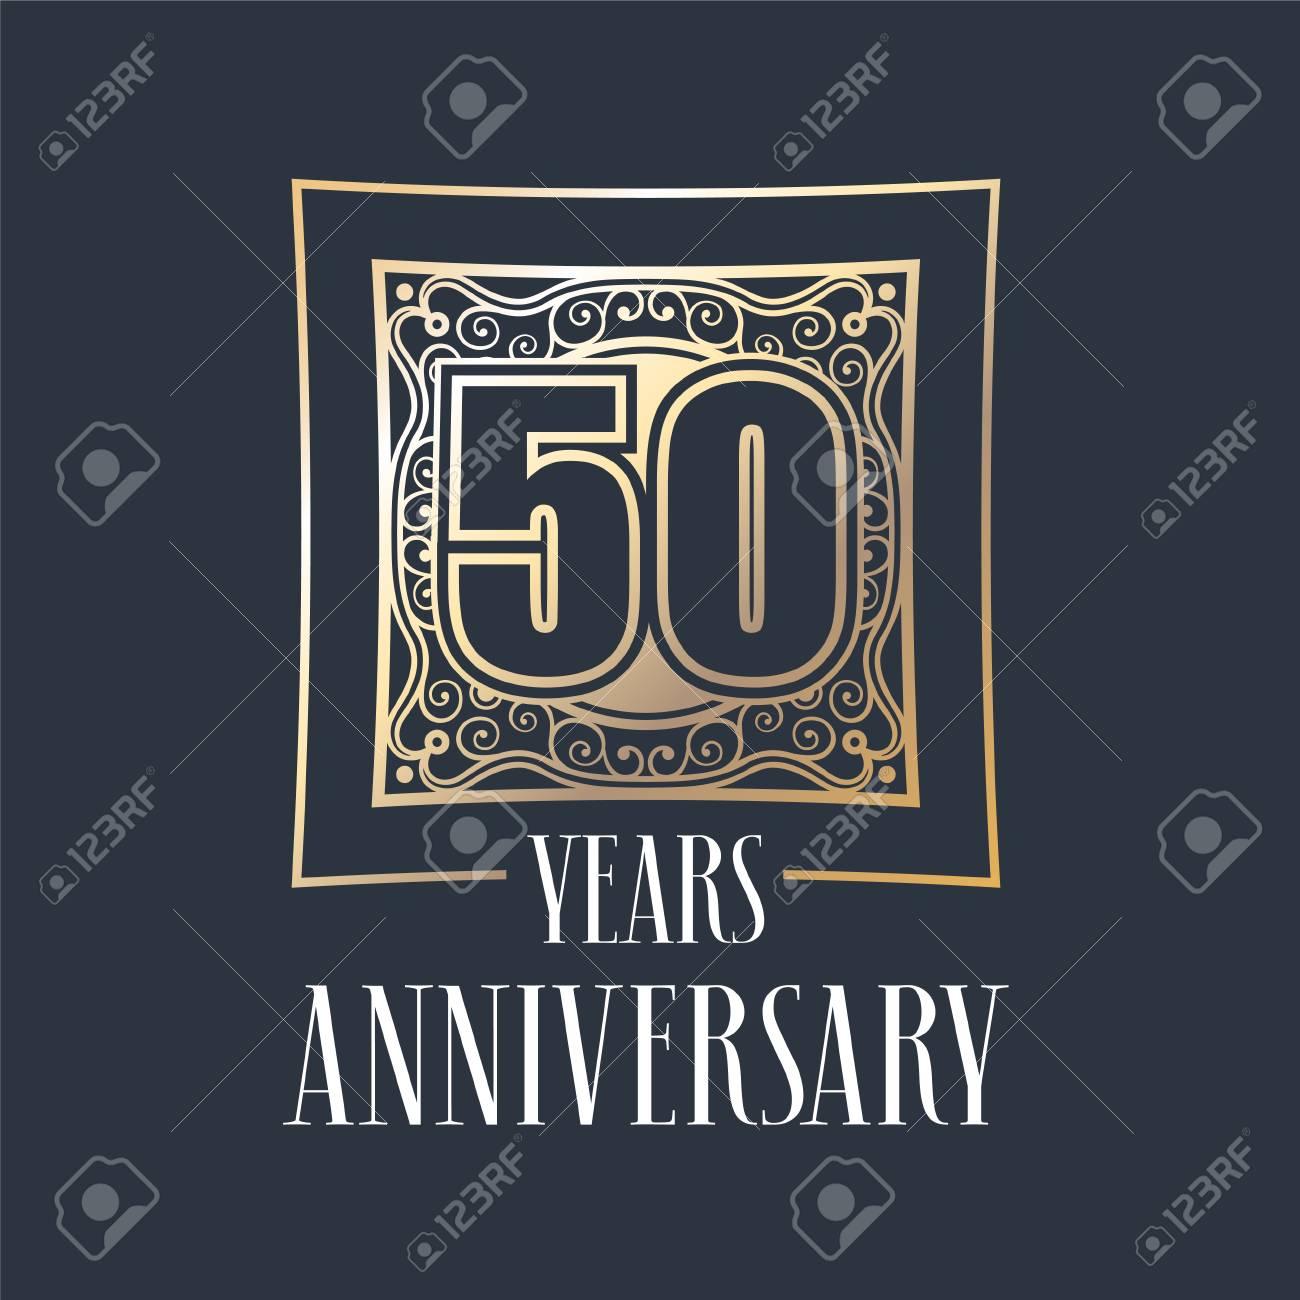 50 Años De Aniversario Icono De Vector, Logotipo. Elemento De Diseño ...